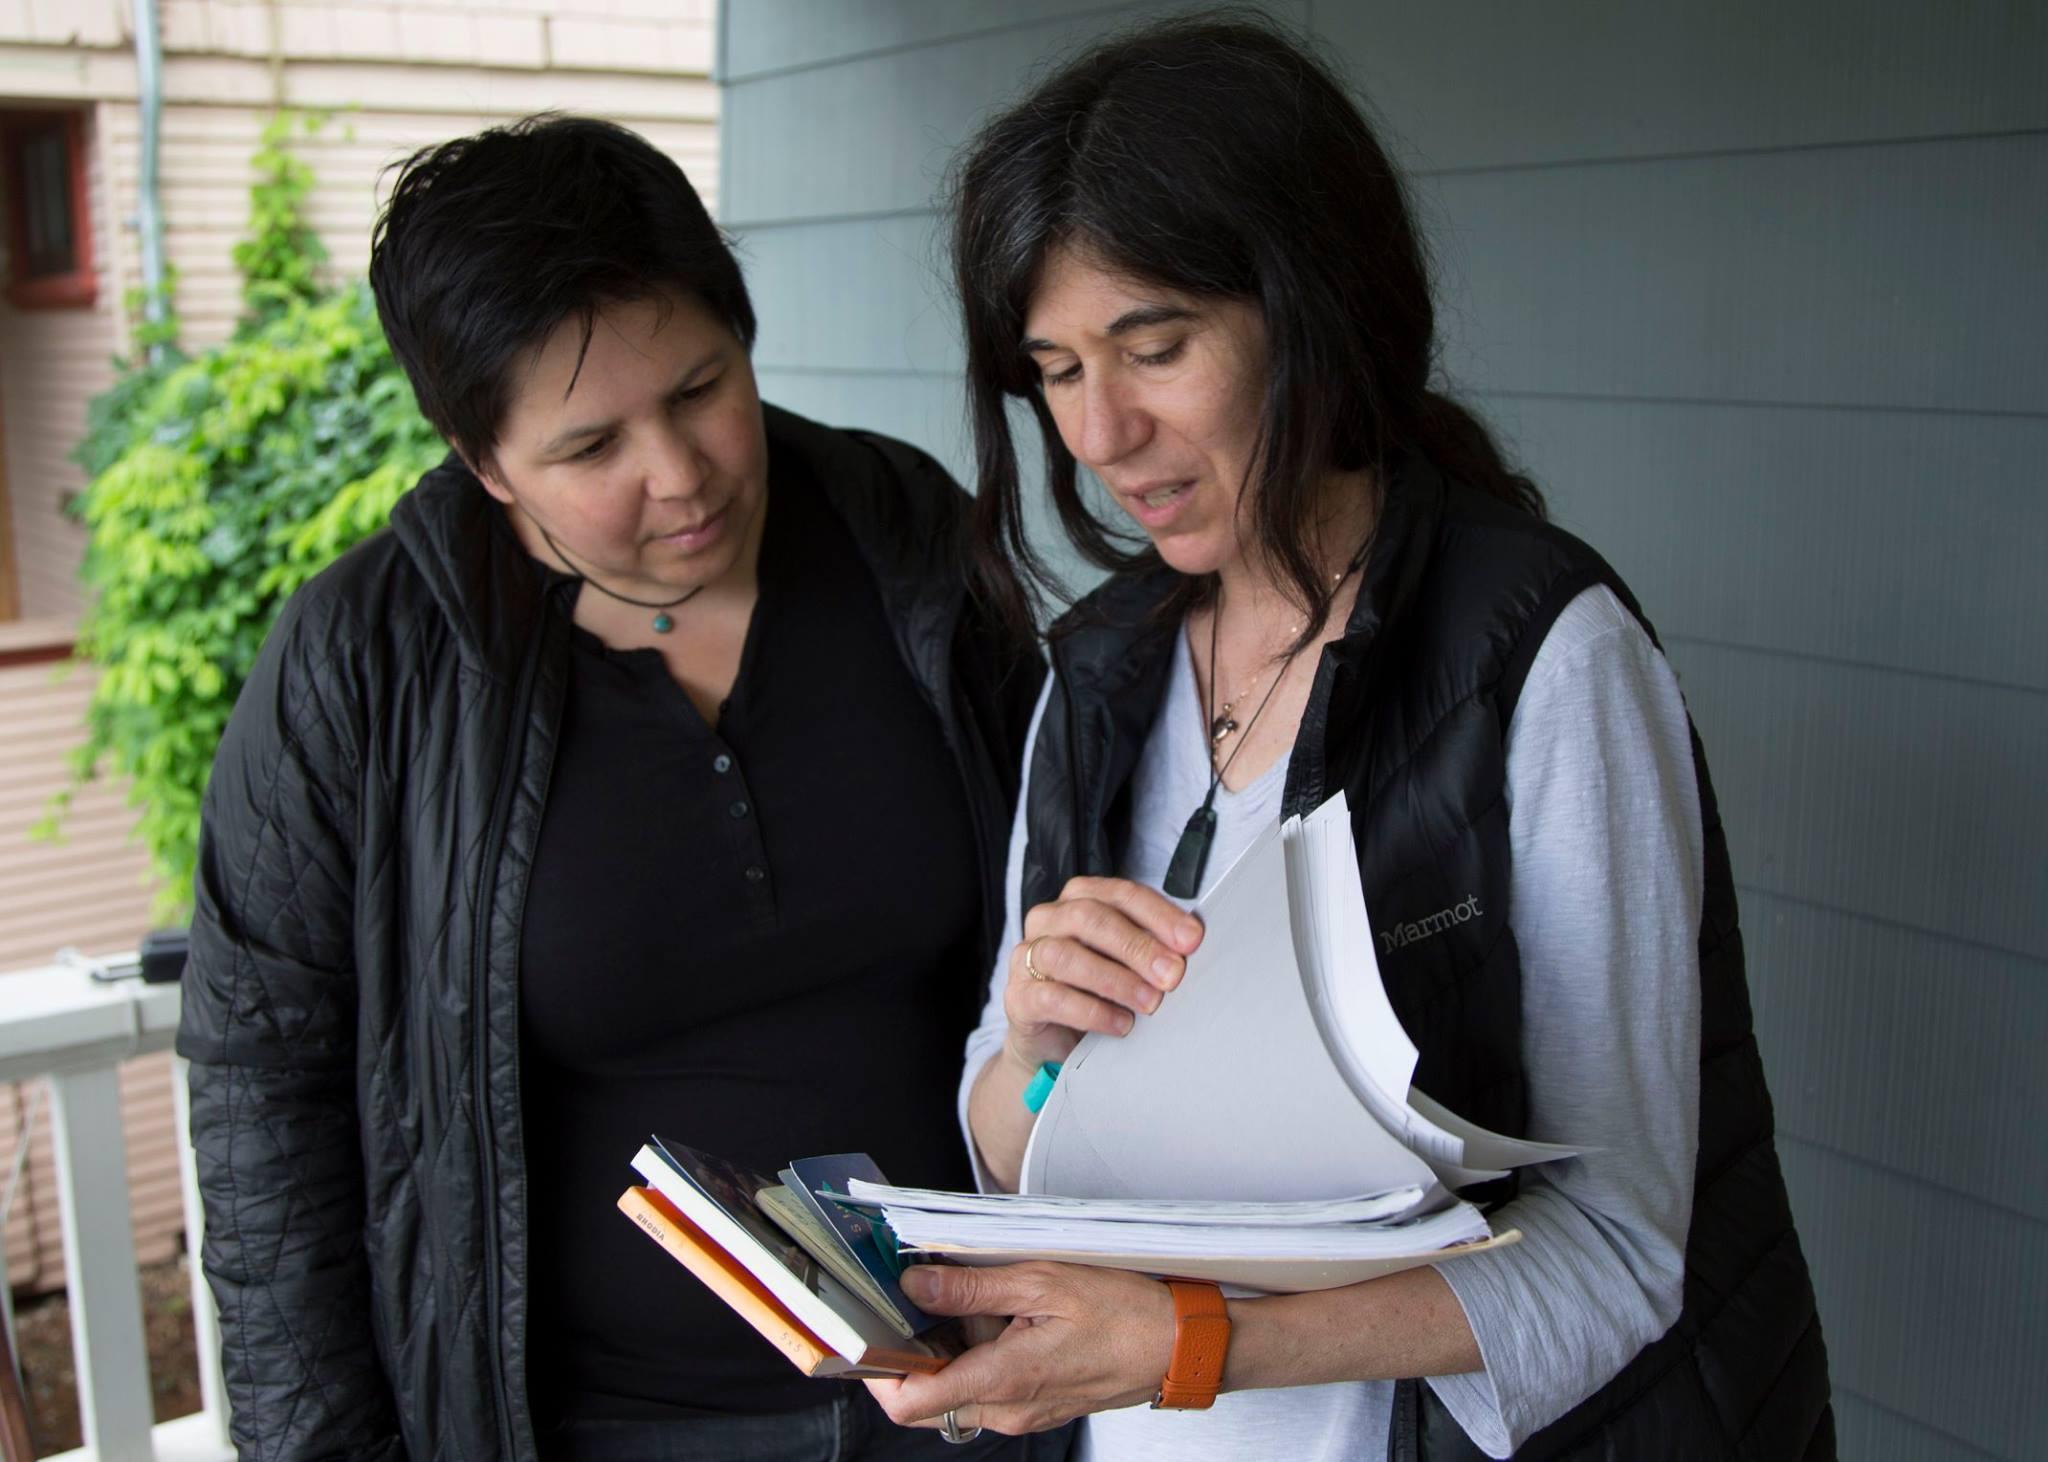 Dawn Jones Redstone and Debra Granik